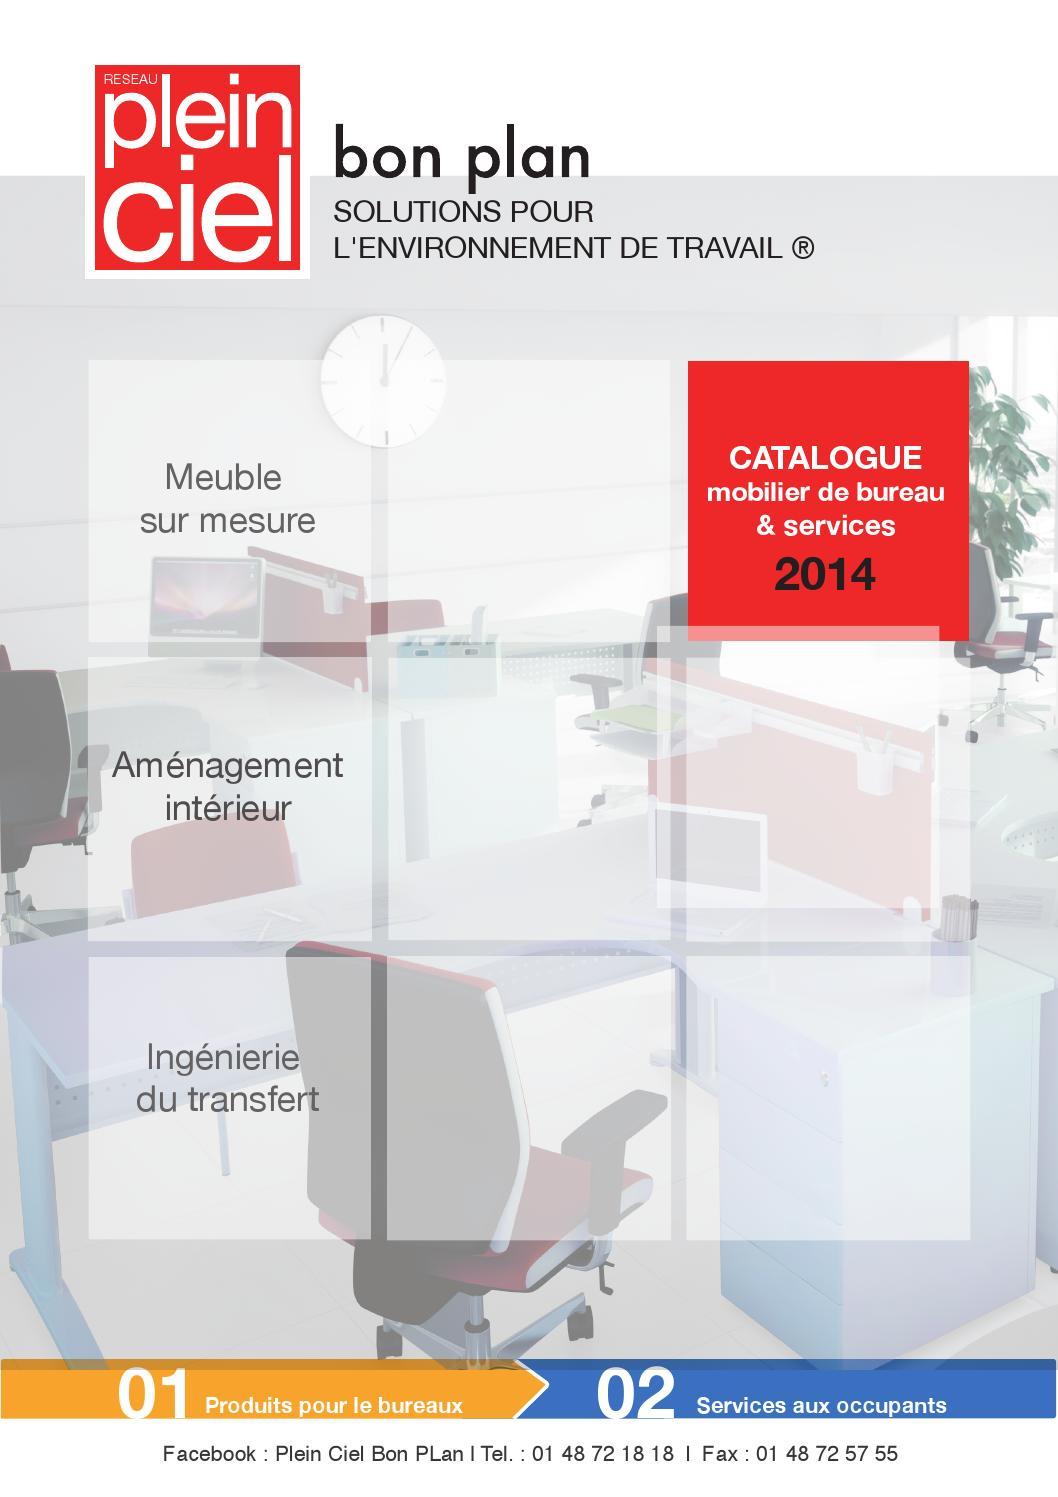 Catalogue mobilier de bureau services by offiscenie issuu - Catalogue mobilier de bureau ...